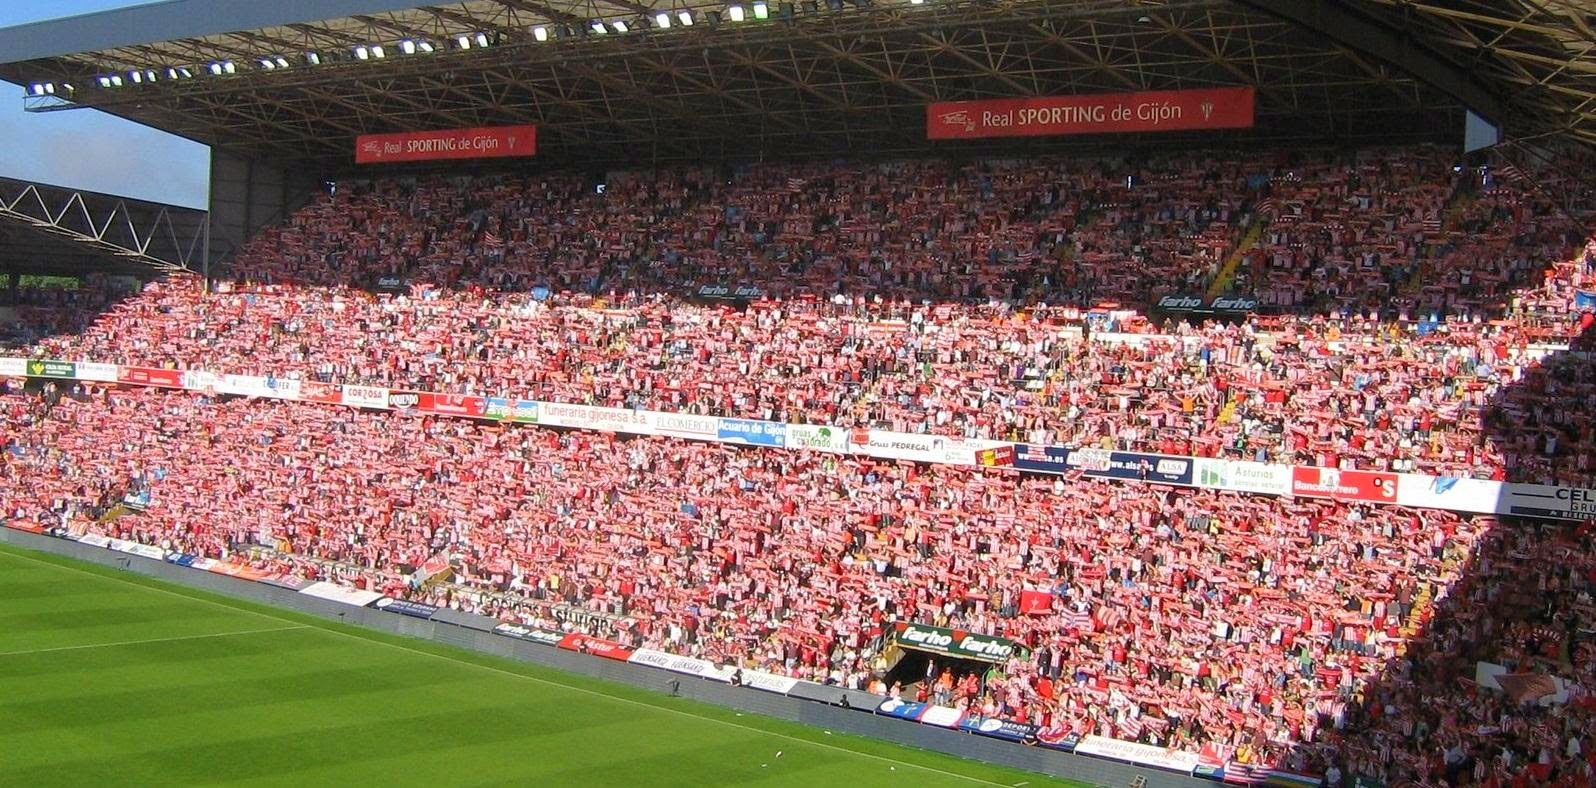 Aficiones de f tbol afici n del real sporting de gij n - Estadio del sporting de gijon ...